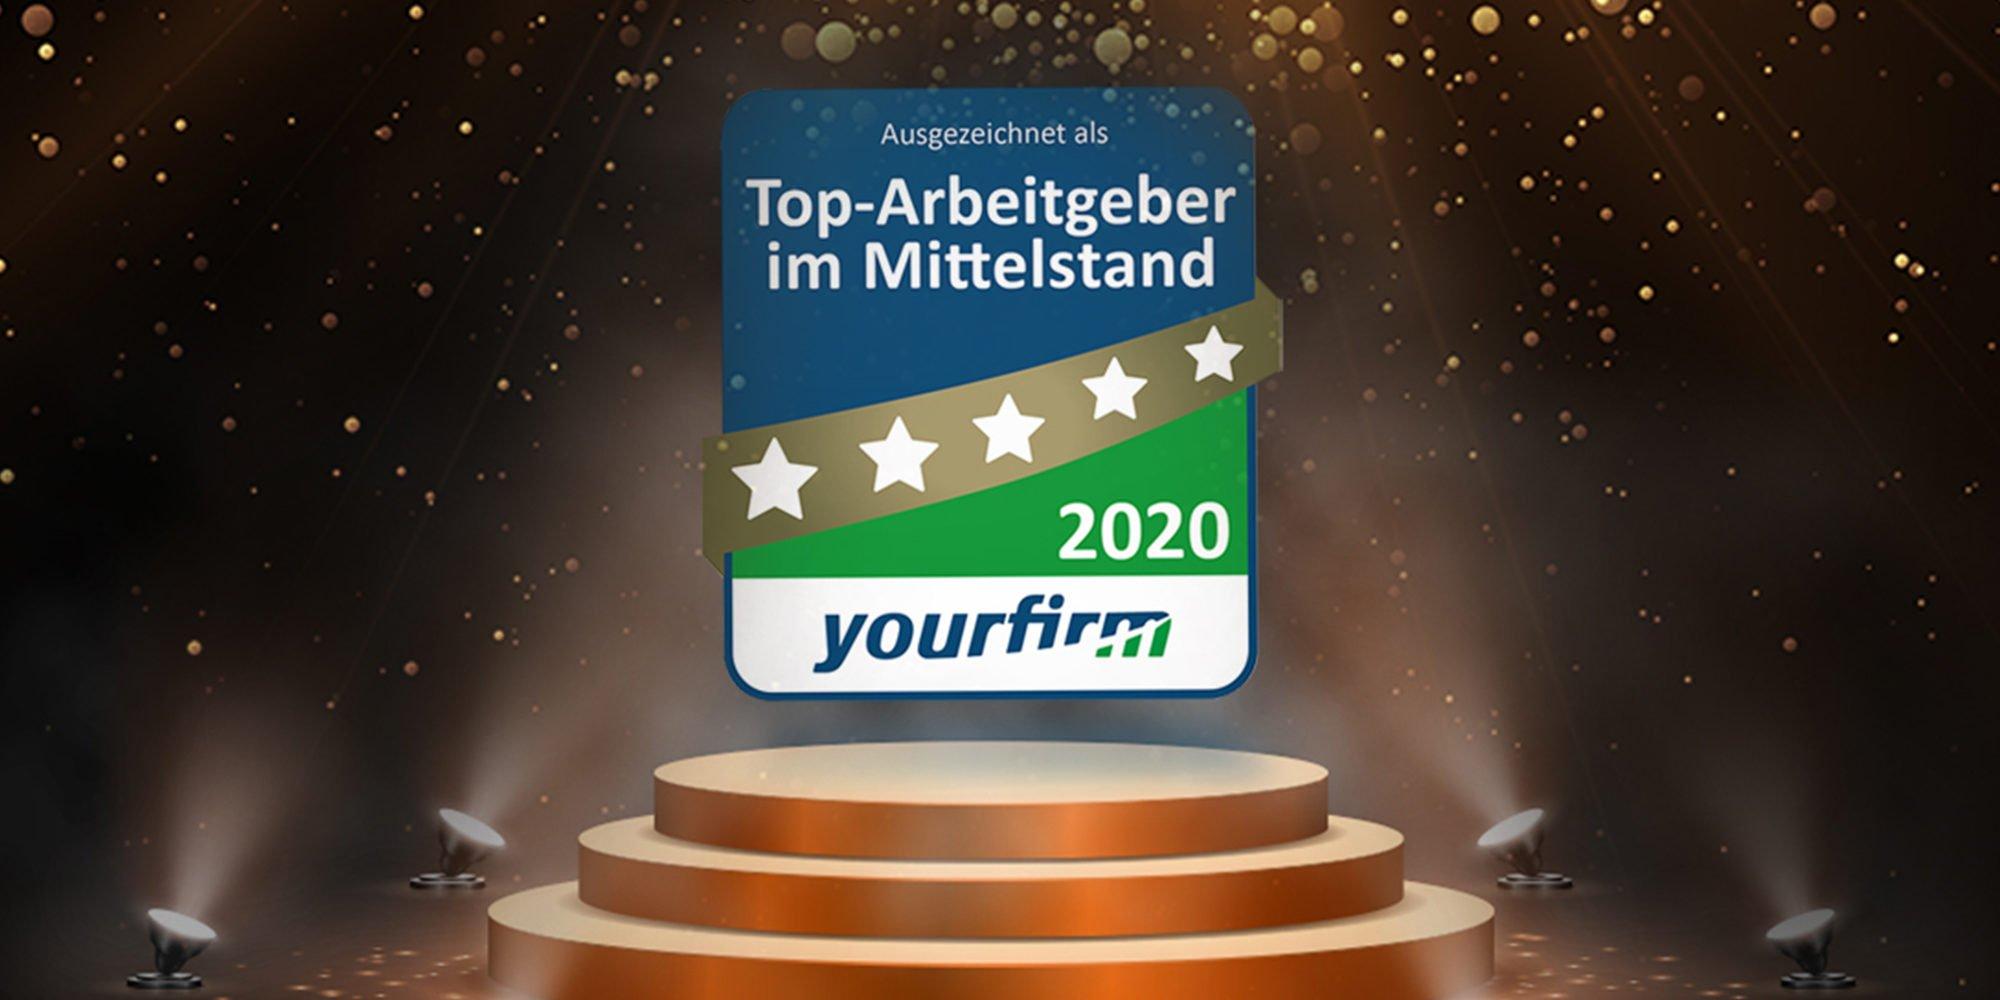 Headergrafik zur Auszeichnung Top Arbeitgeber 2020